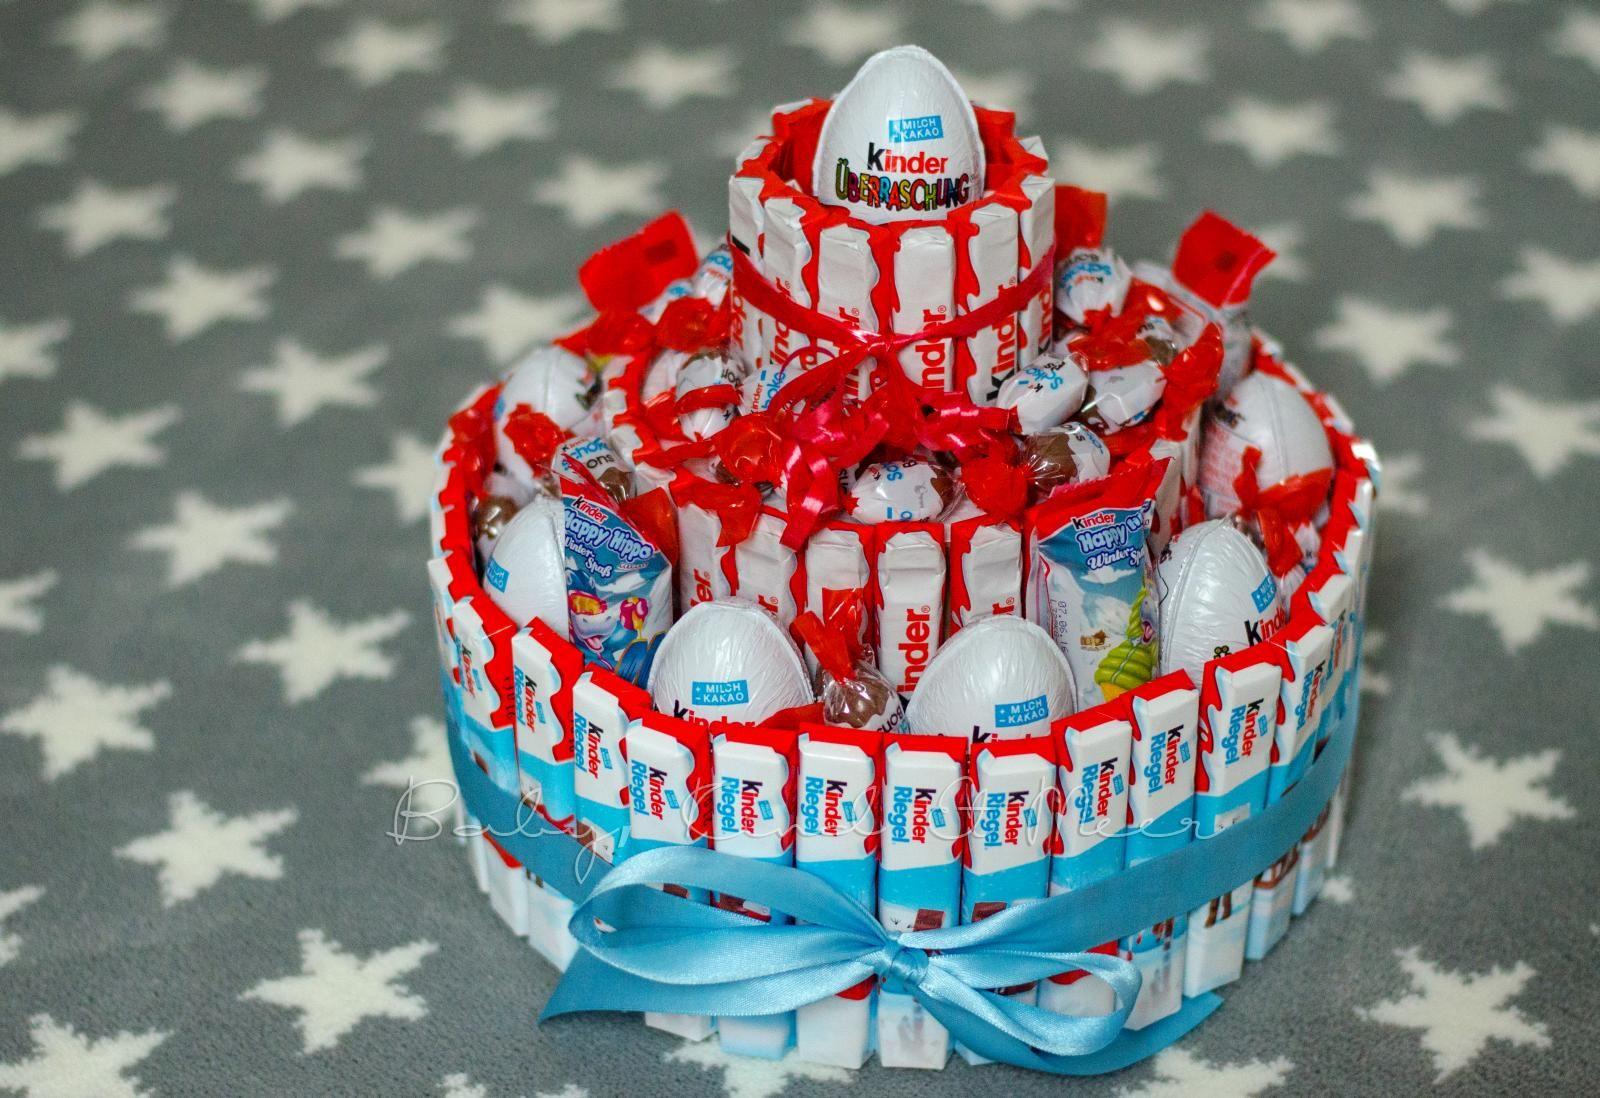 Kinderschokolade Torte (11)  Geburtstagskuchen  Pinterest  Torte